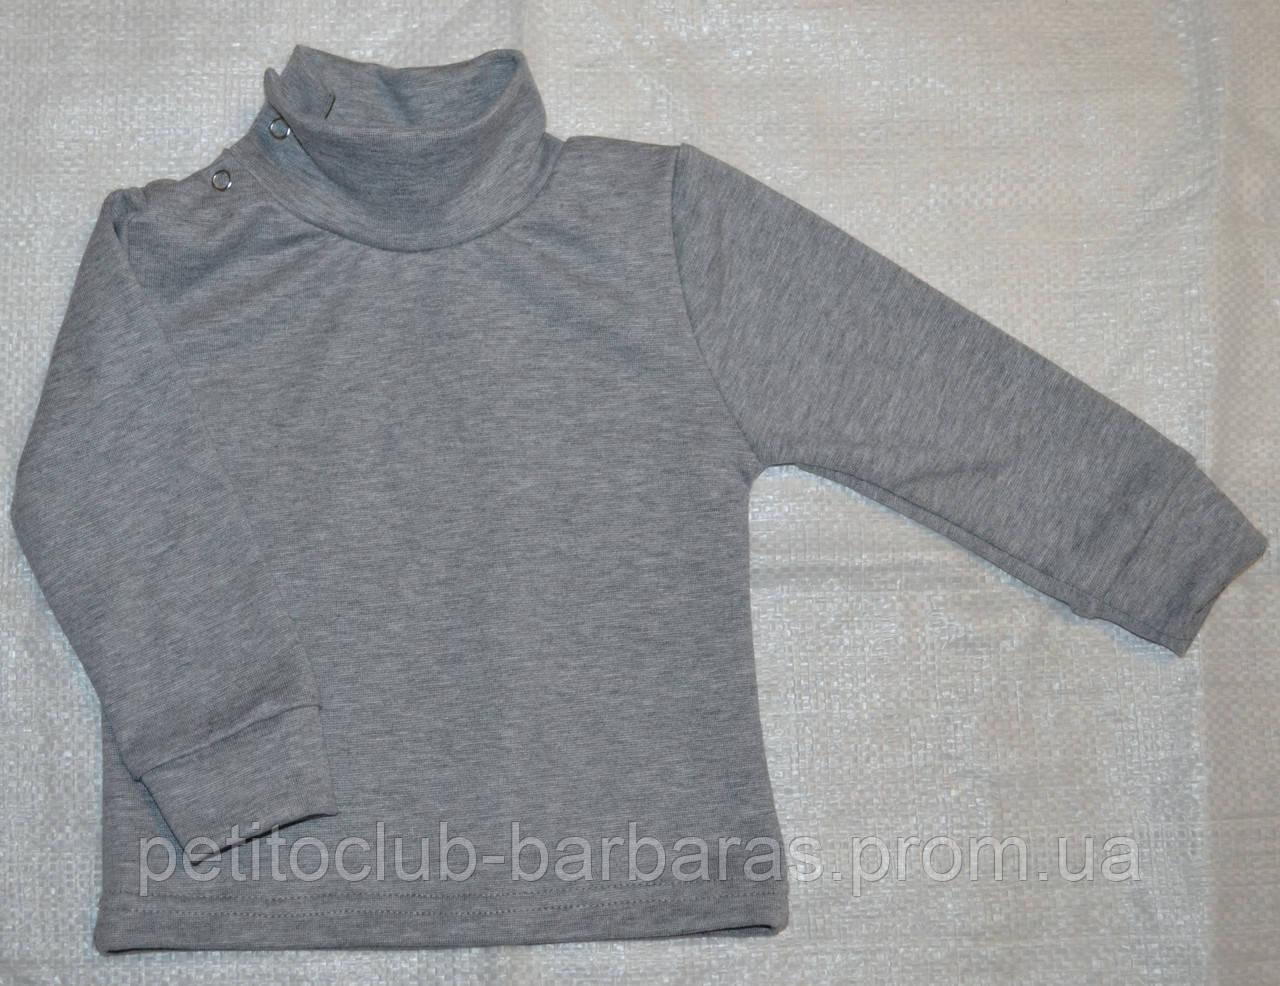 Детский гольф серый меланж р. 86-140 см